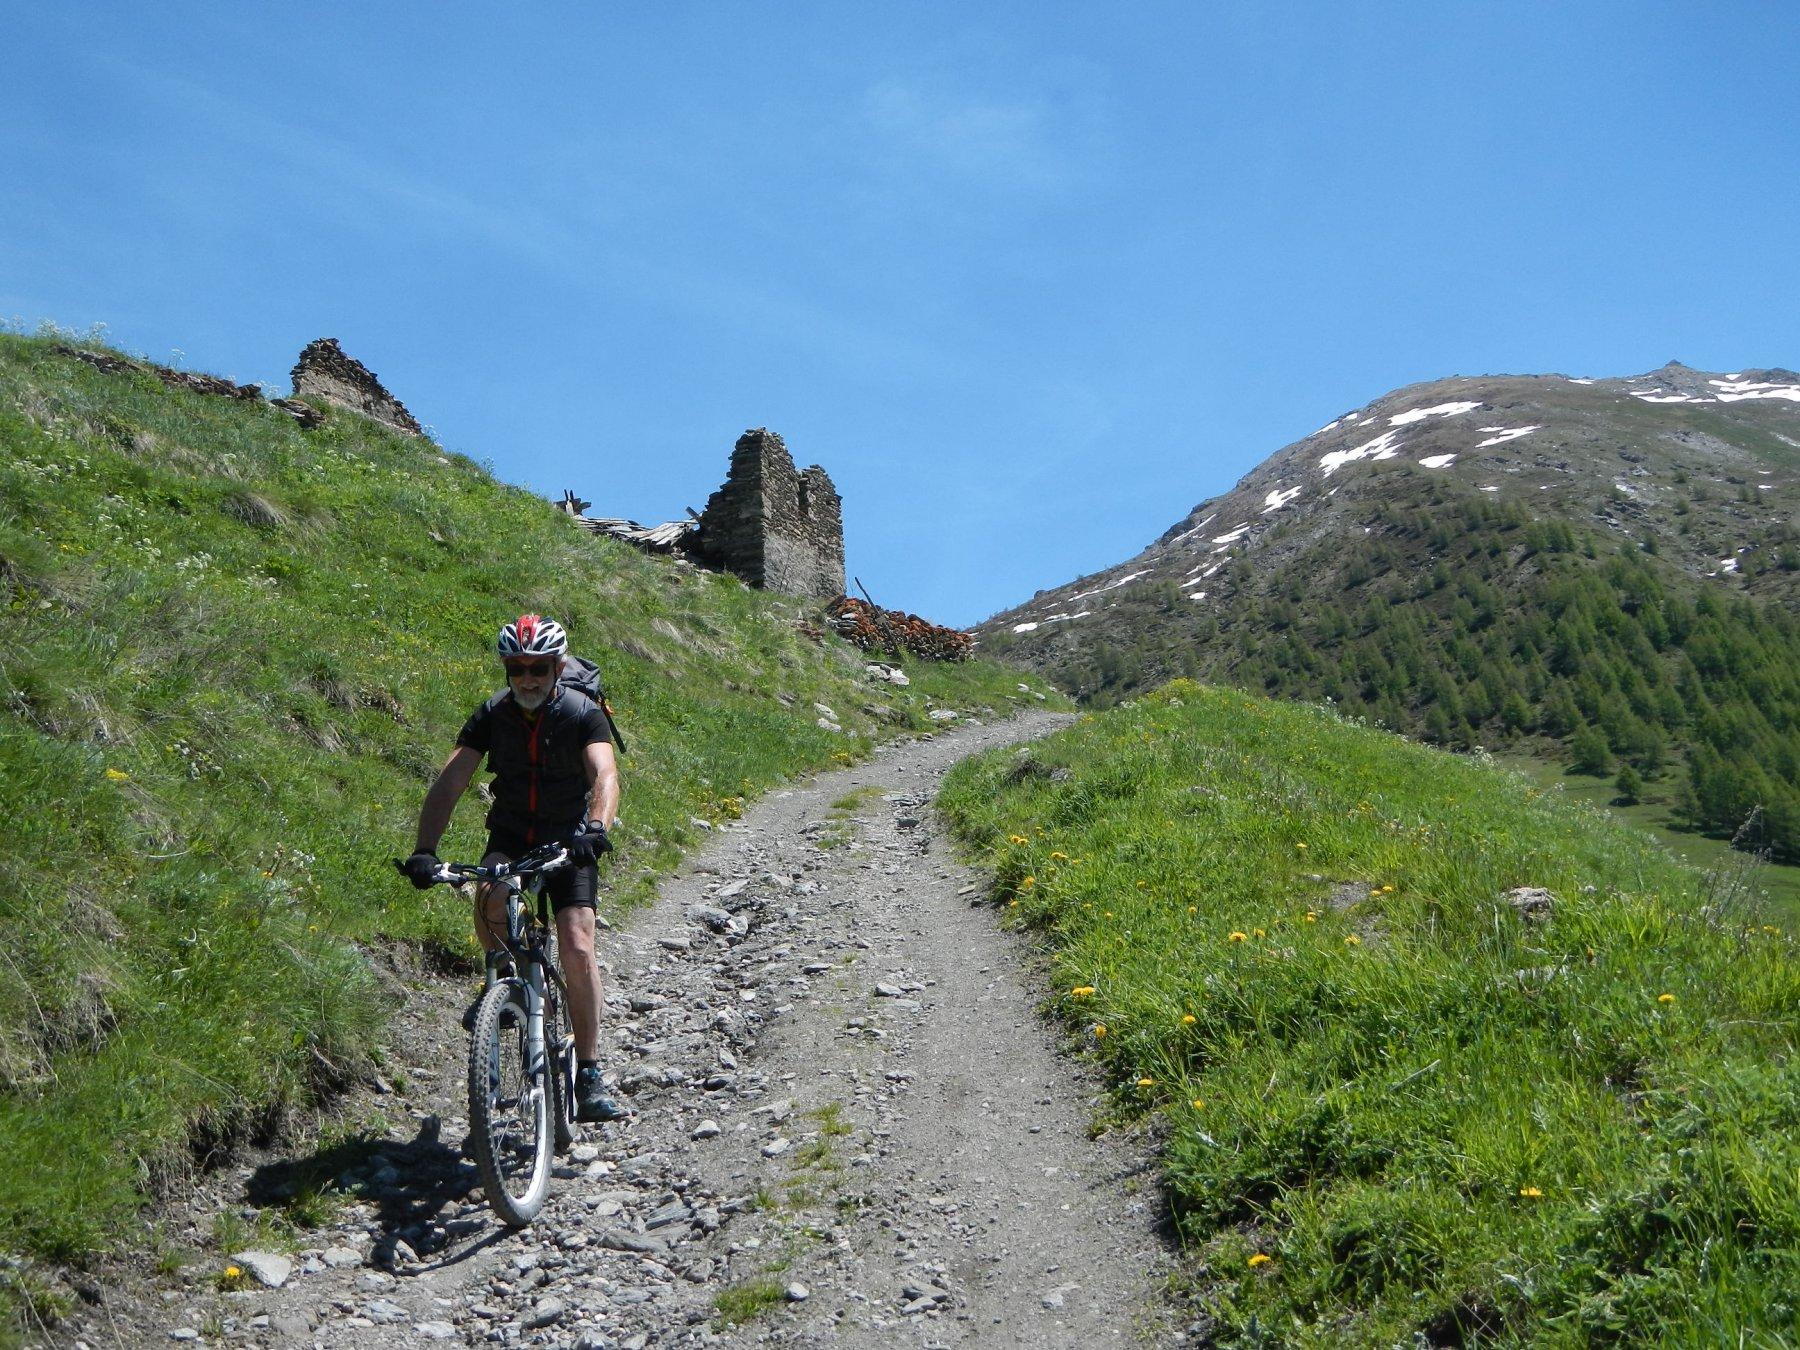 sentiero di discesa dall'Alpe Plane